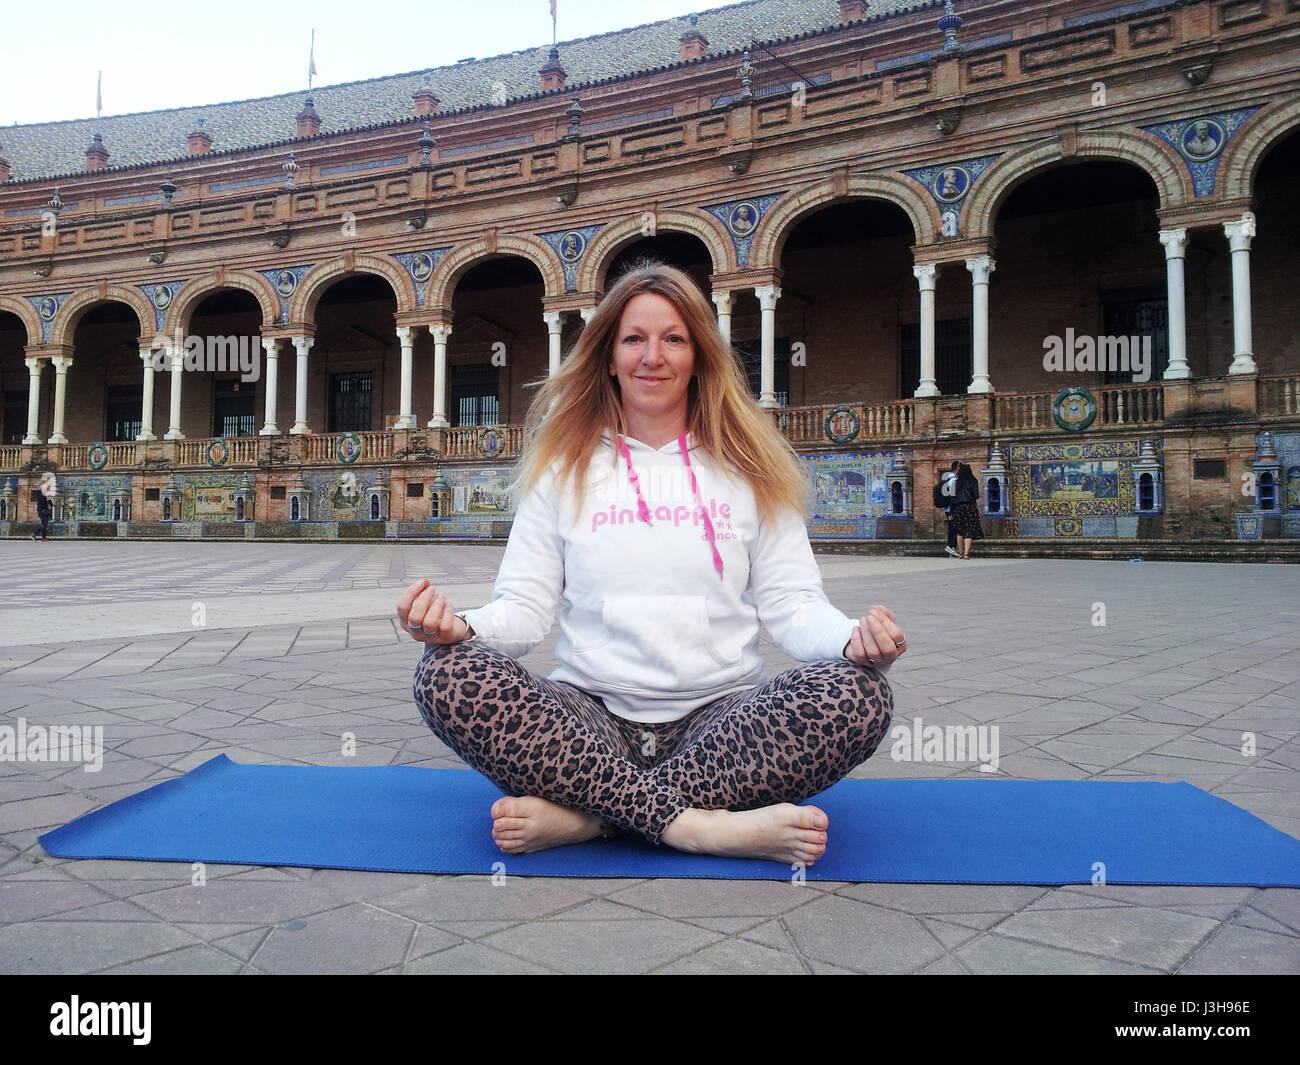 Spanien, Sevilla: Claudia ist eine professionelle Yoga-Lehrer, unterrichtet gegenwärtig Outdoor-Yoga-Kurse in Sevilla. Stockfoto